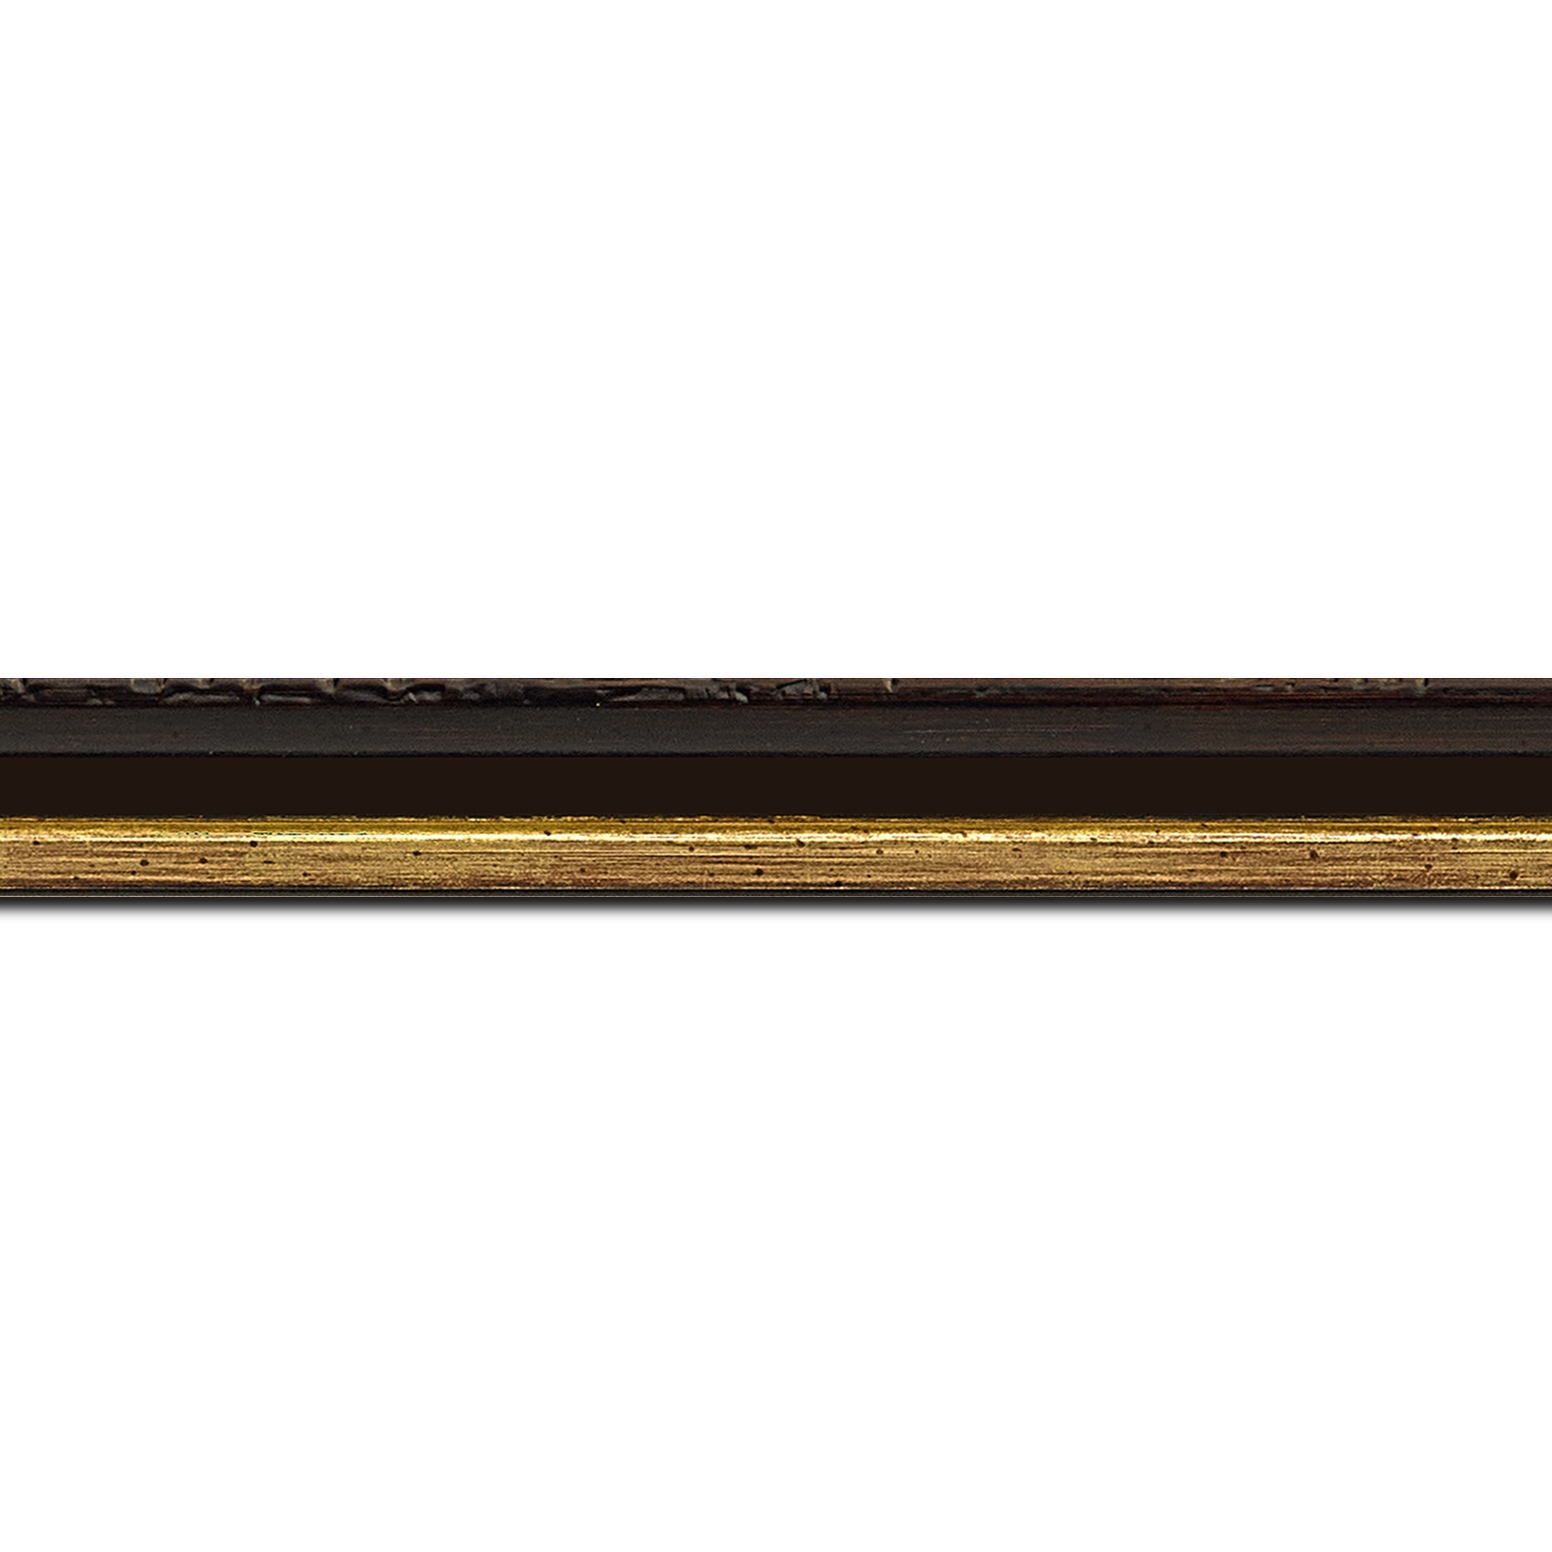 Baguette longueur 1.40m bois profil incurvé largeur 2cm noir lie de vin très foncé de finition antique filet or